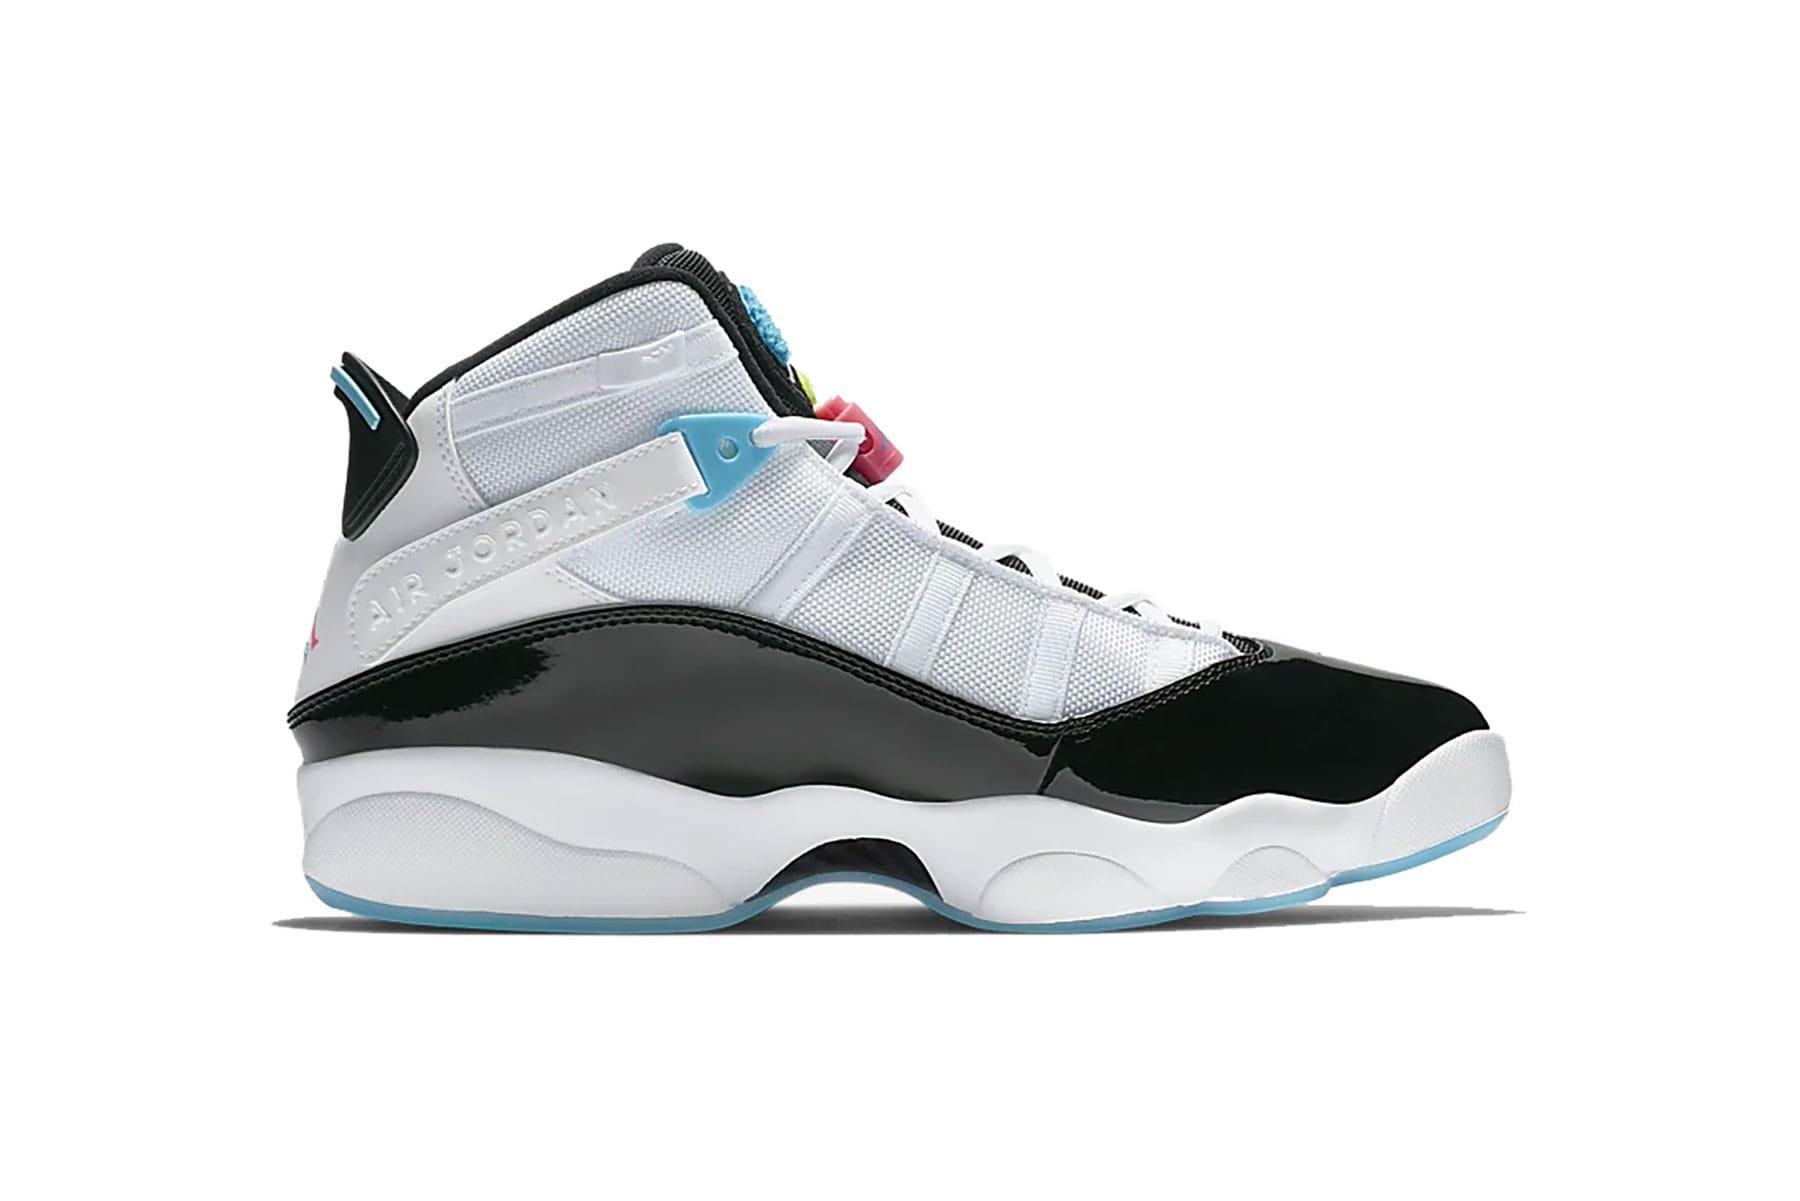 Air Jordan 6 Rings in \